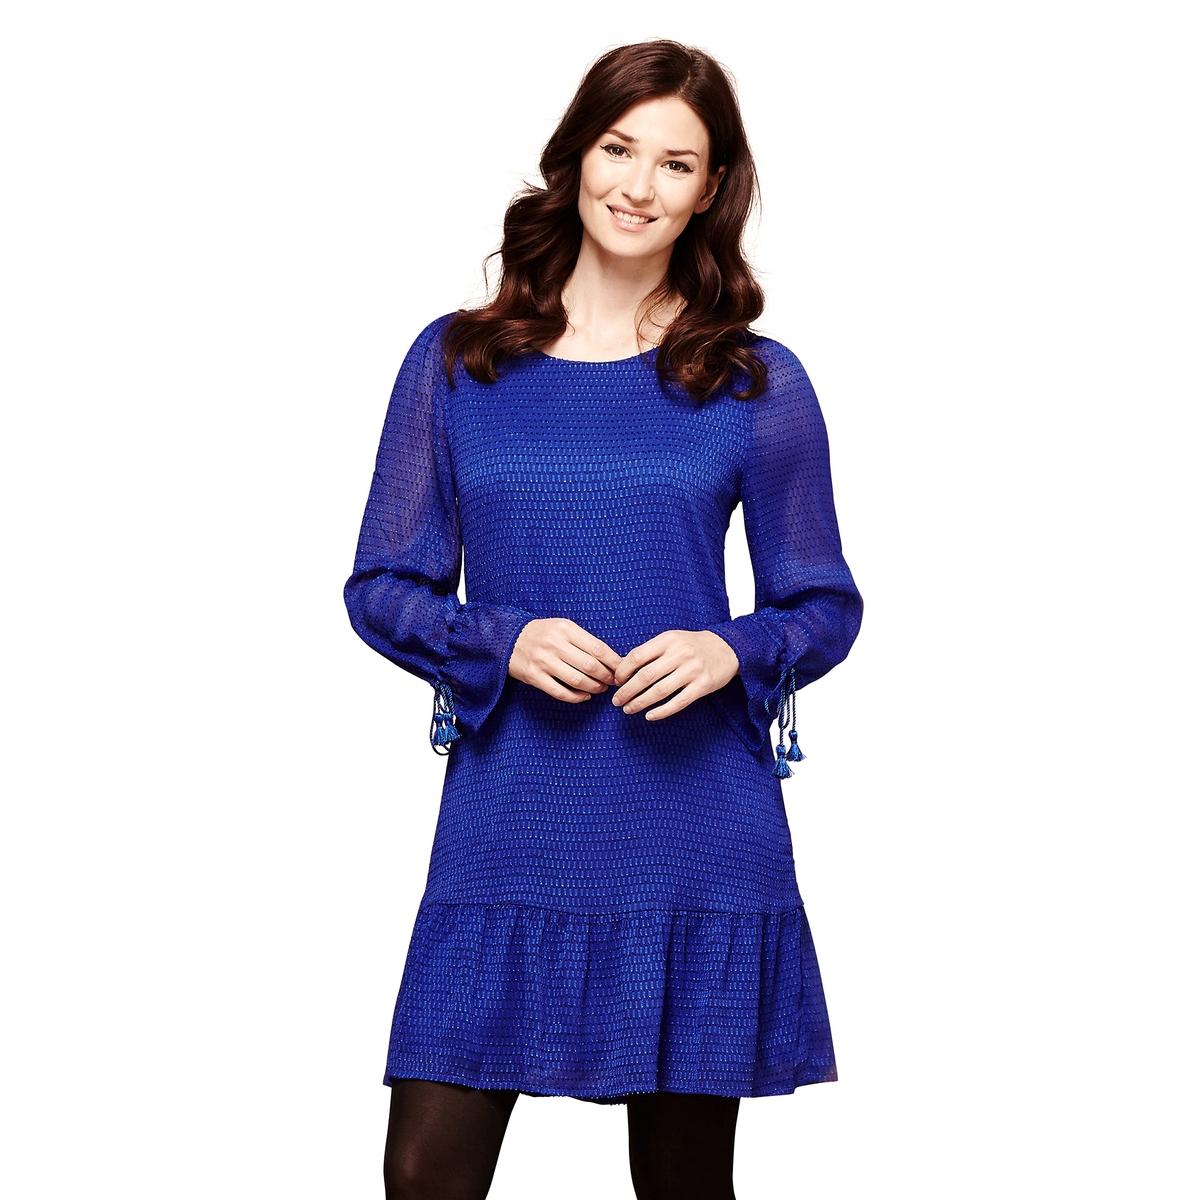 Платье короткое с длинными рукавамиОписание •  Форма : расклешенная •  короткое  •  Длинные рукава     •  Круглый вырезСостав и уход •  100% полиэстер  •  Следуйте рекомендациям по уходу, указанным на этикетке изделия<br><br>Цвет: синий